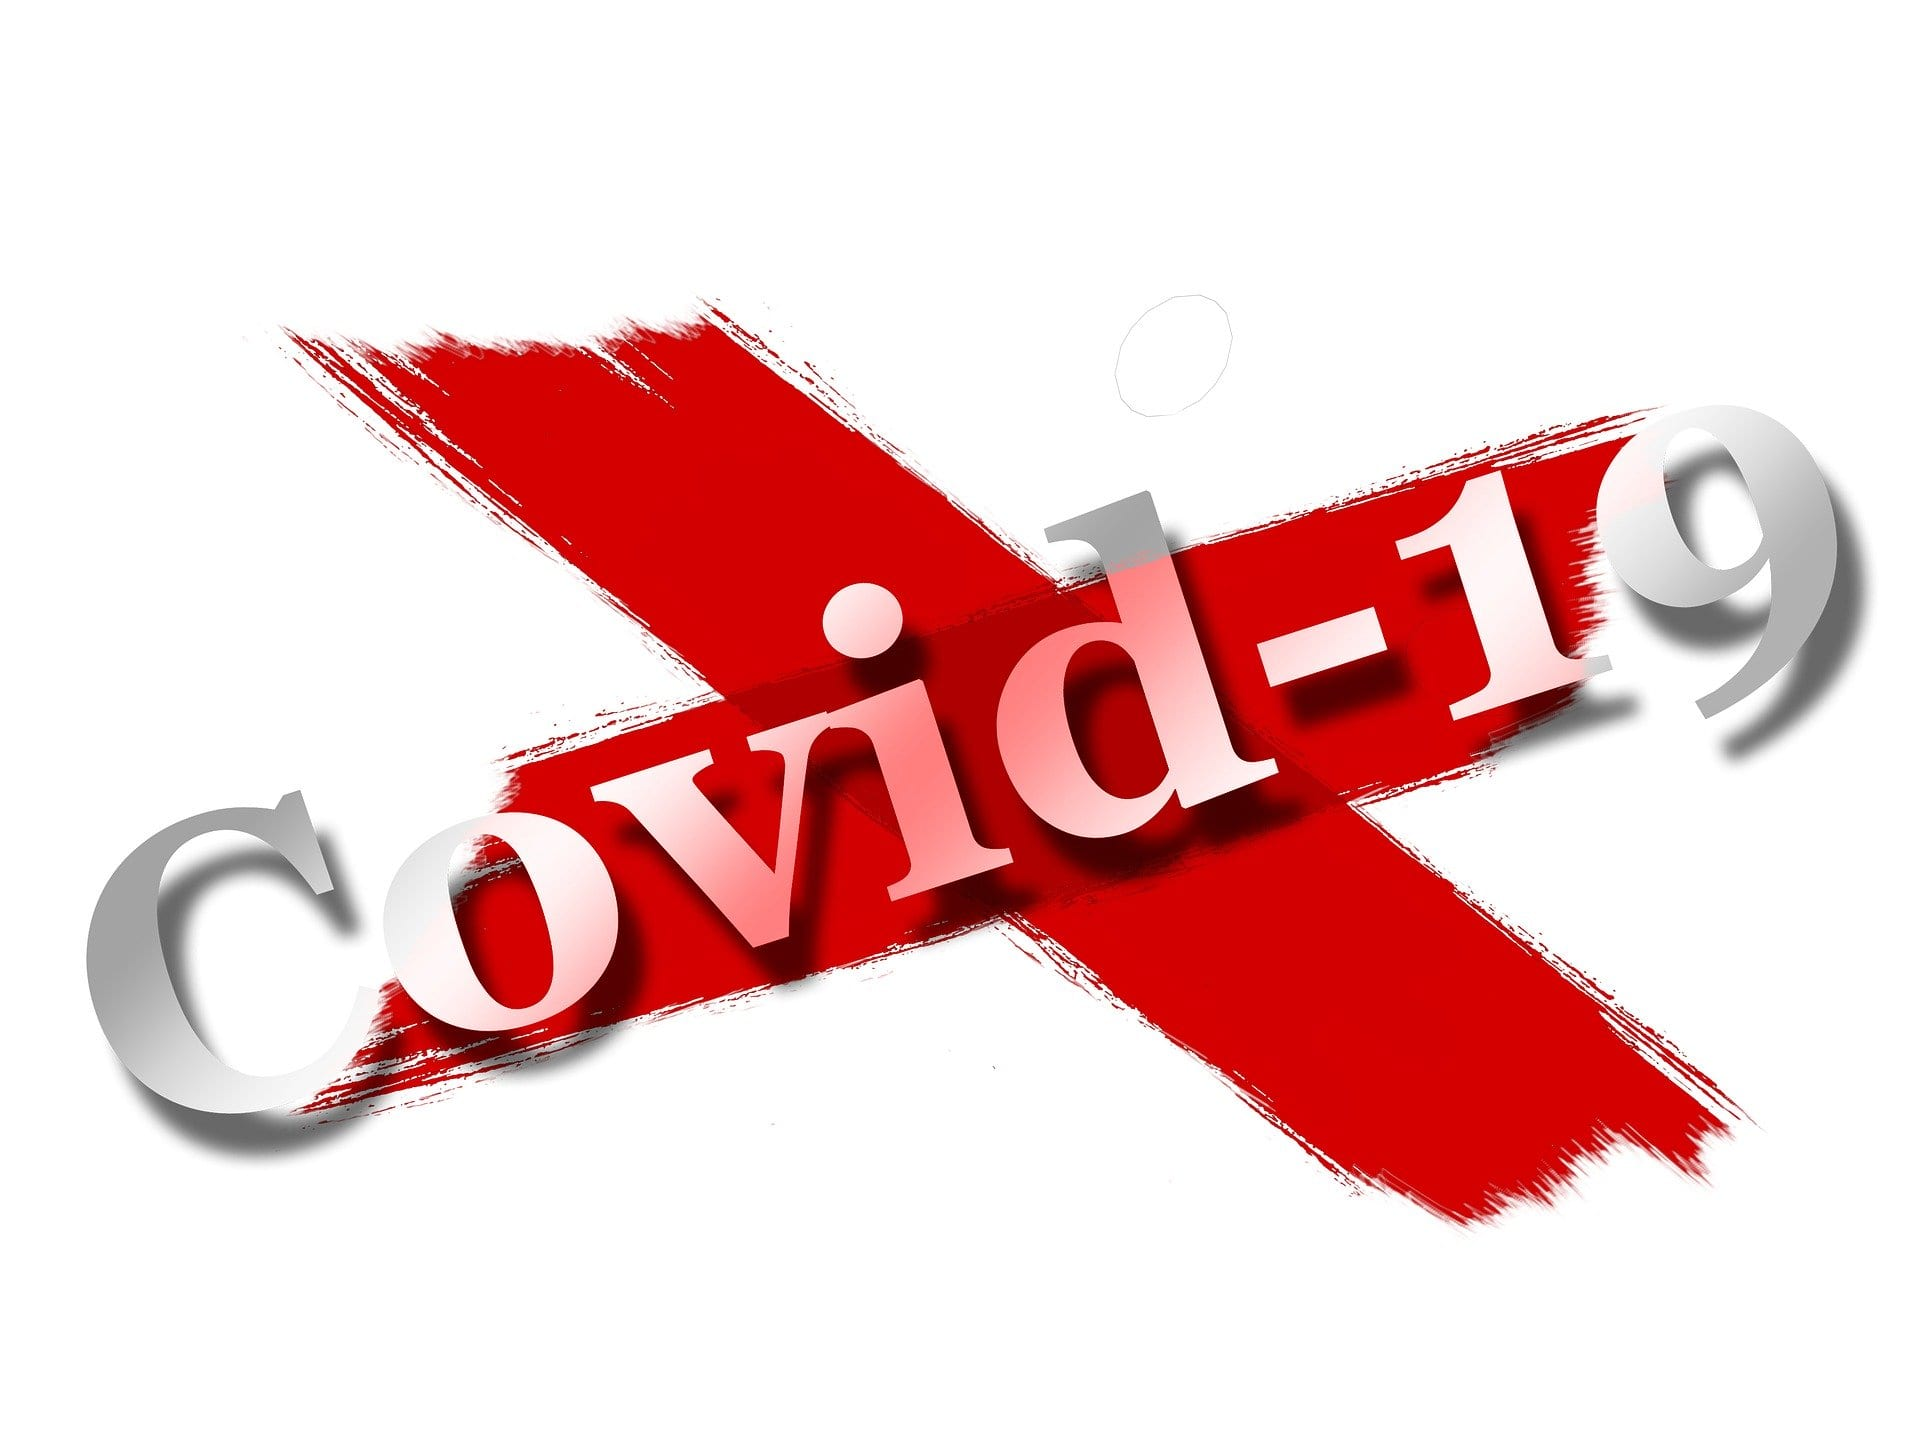 Par izmaiņām klientu apkalpošanā Covid-19 globālās pandēmijas laikā